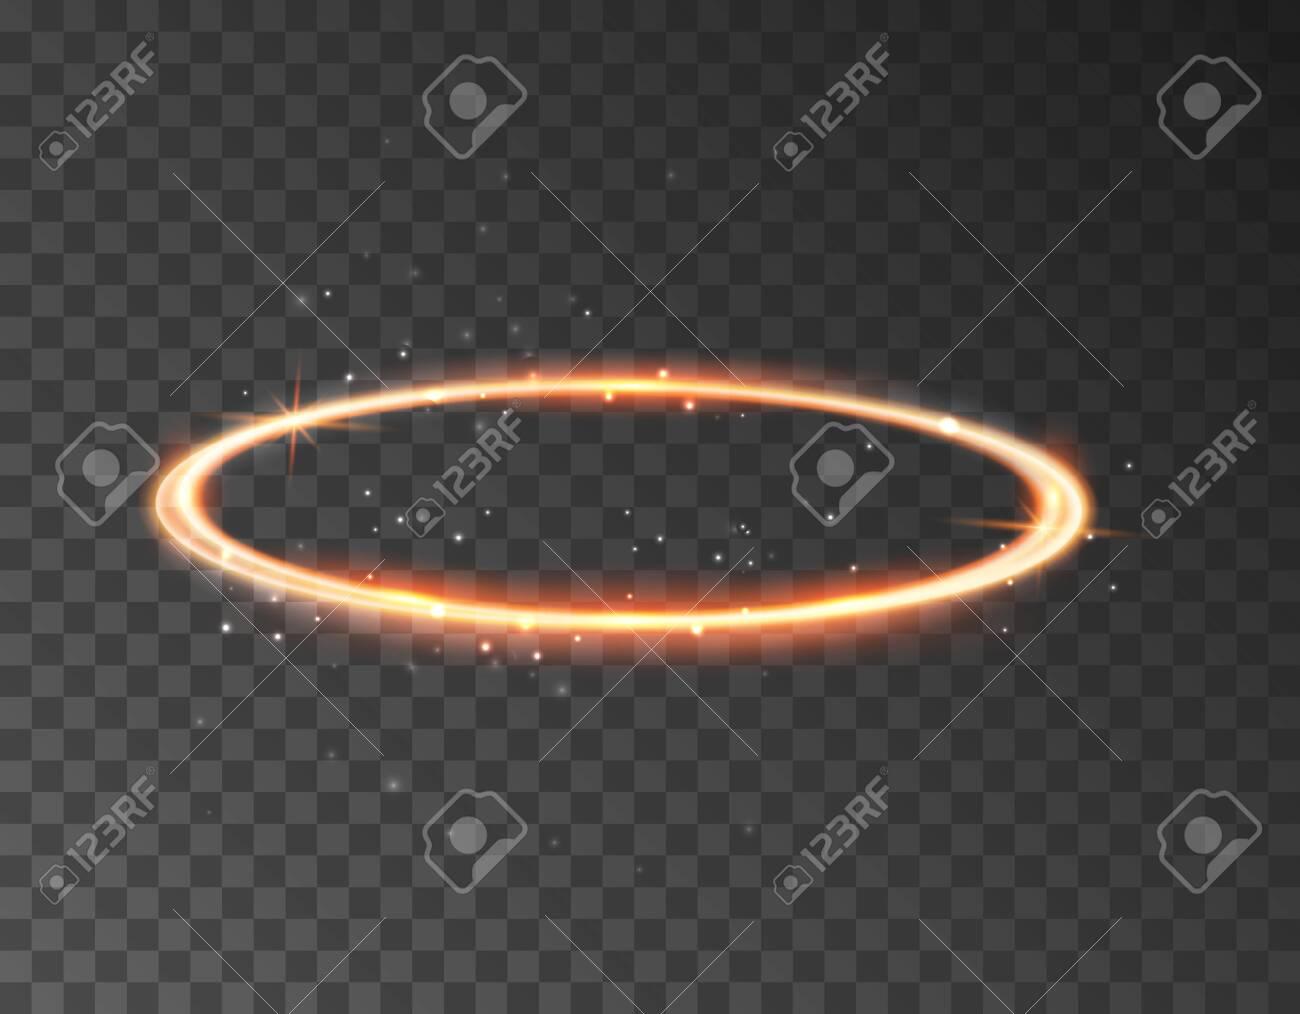 Angel halo ring saint aureole icon. Holy ring angel halo isolated nimbus gold circle realistic element. - 129438639